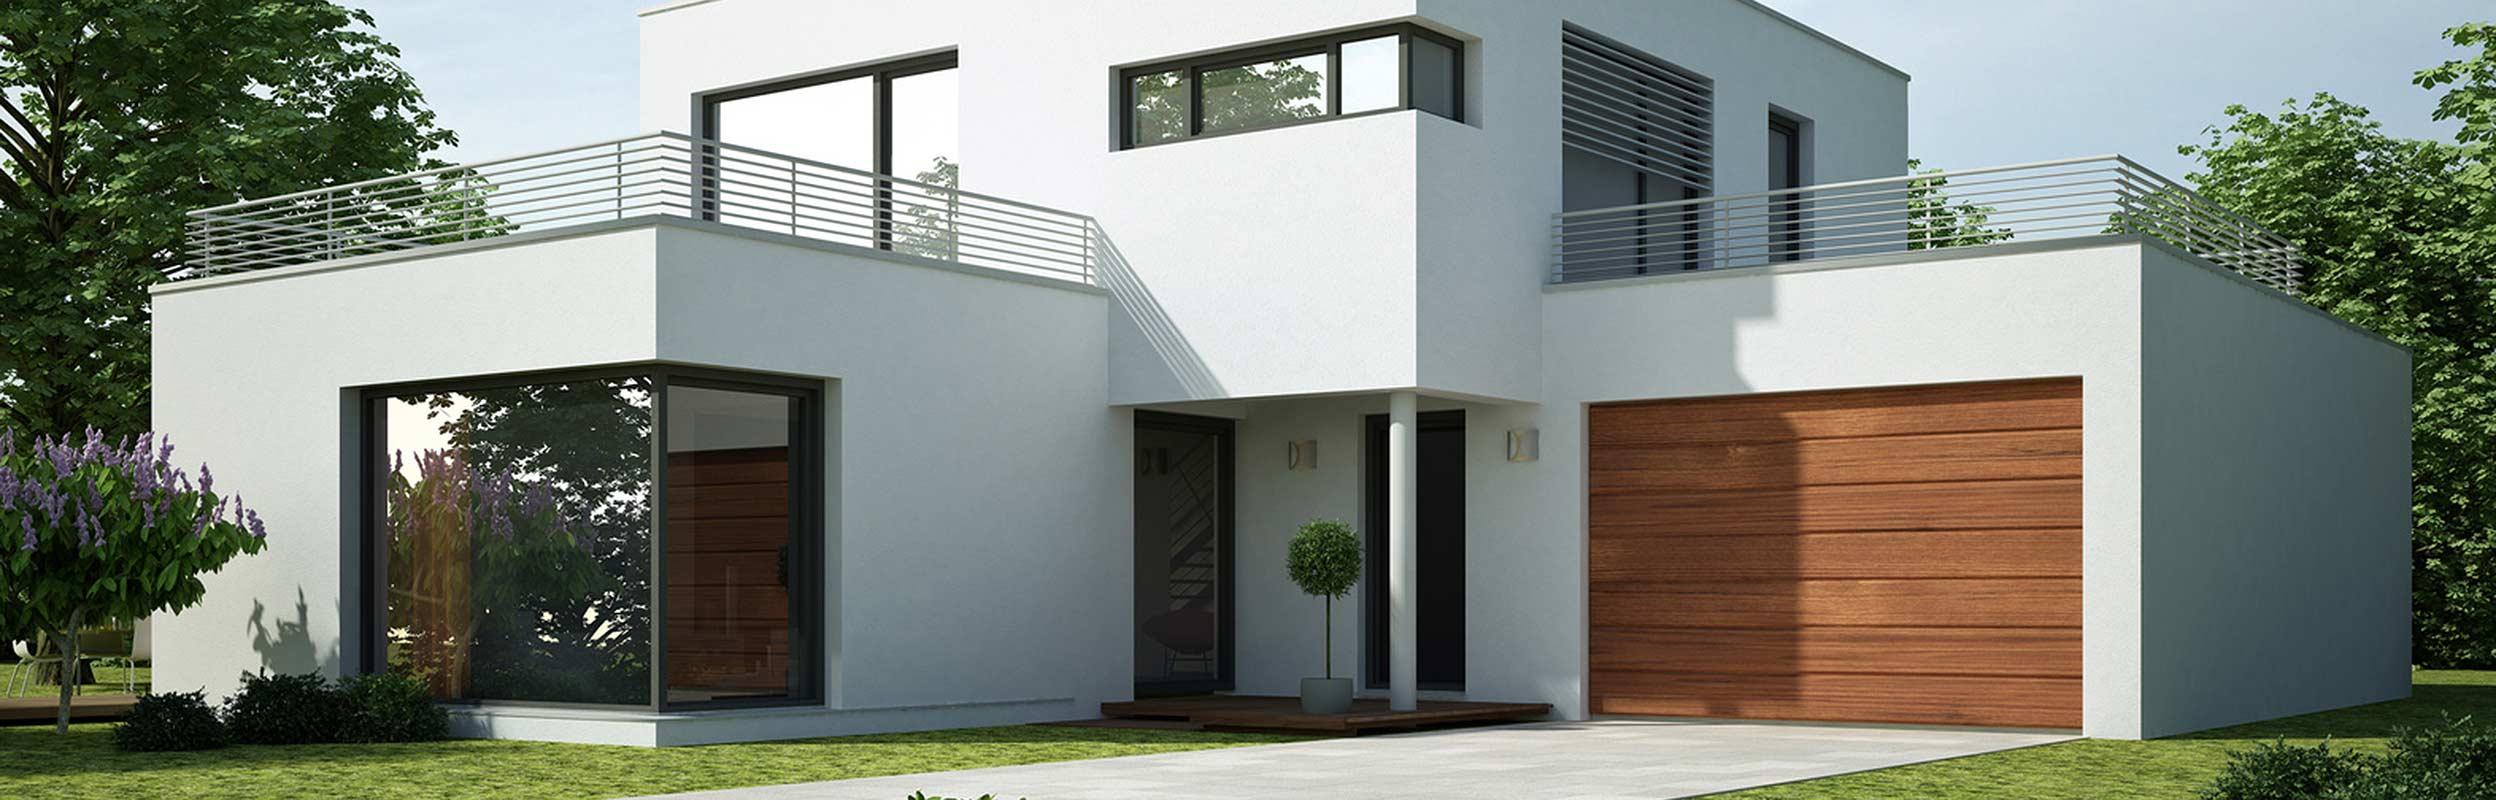 immobilier les exon rations de droits de mutation dossier cic. Black Bedroom Furniture Sets. Home Design Ideas